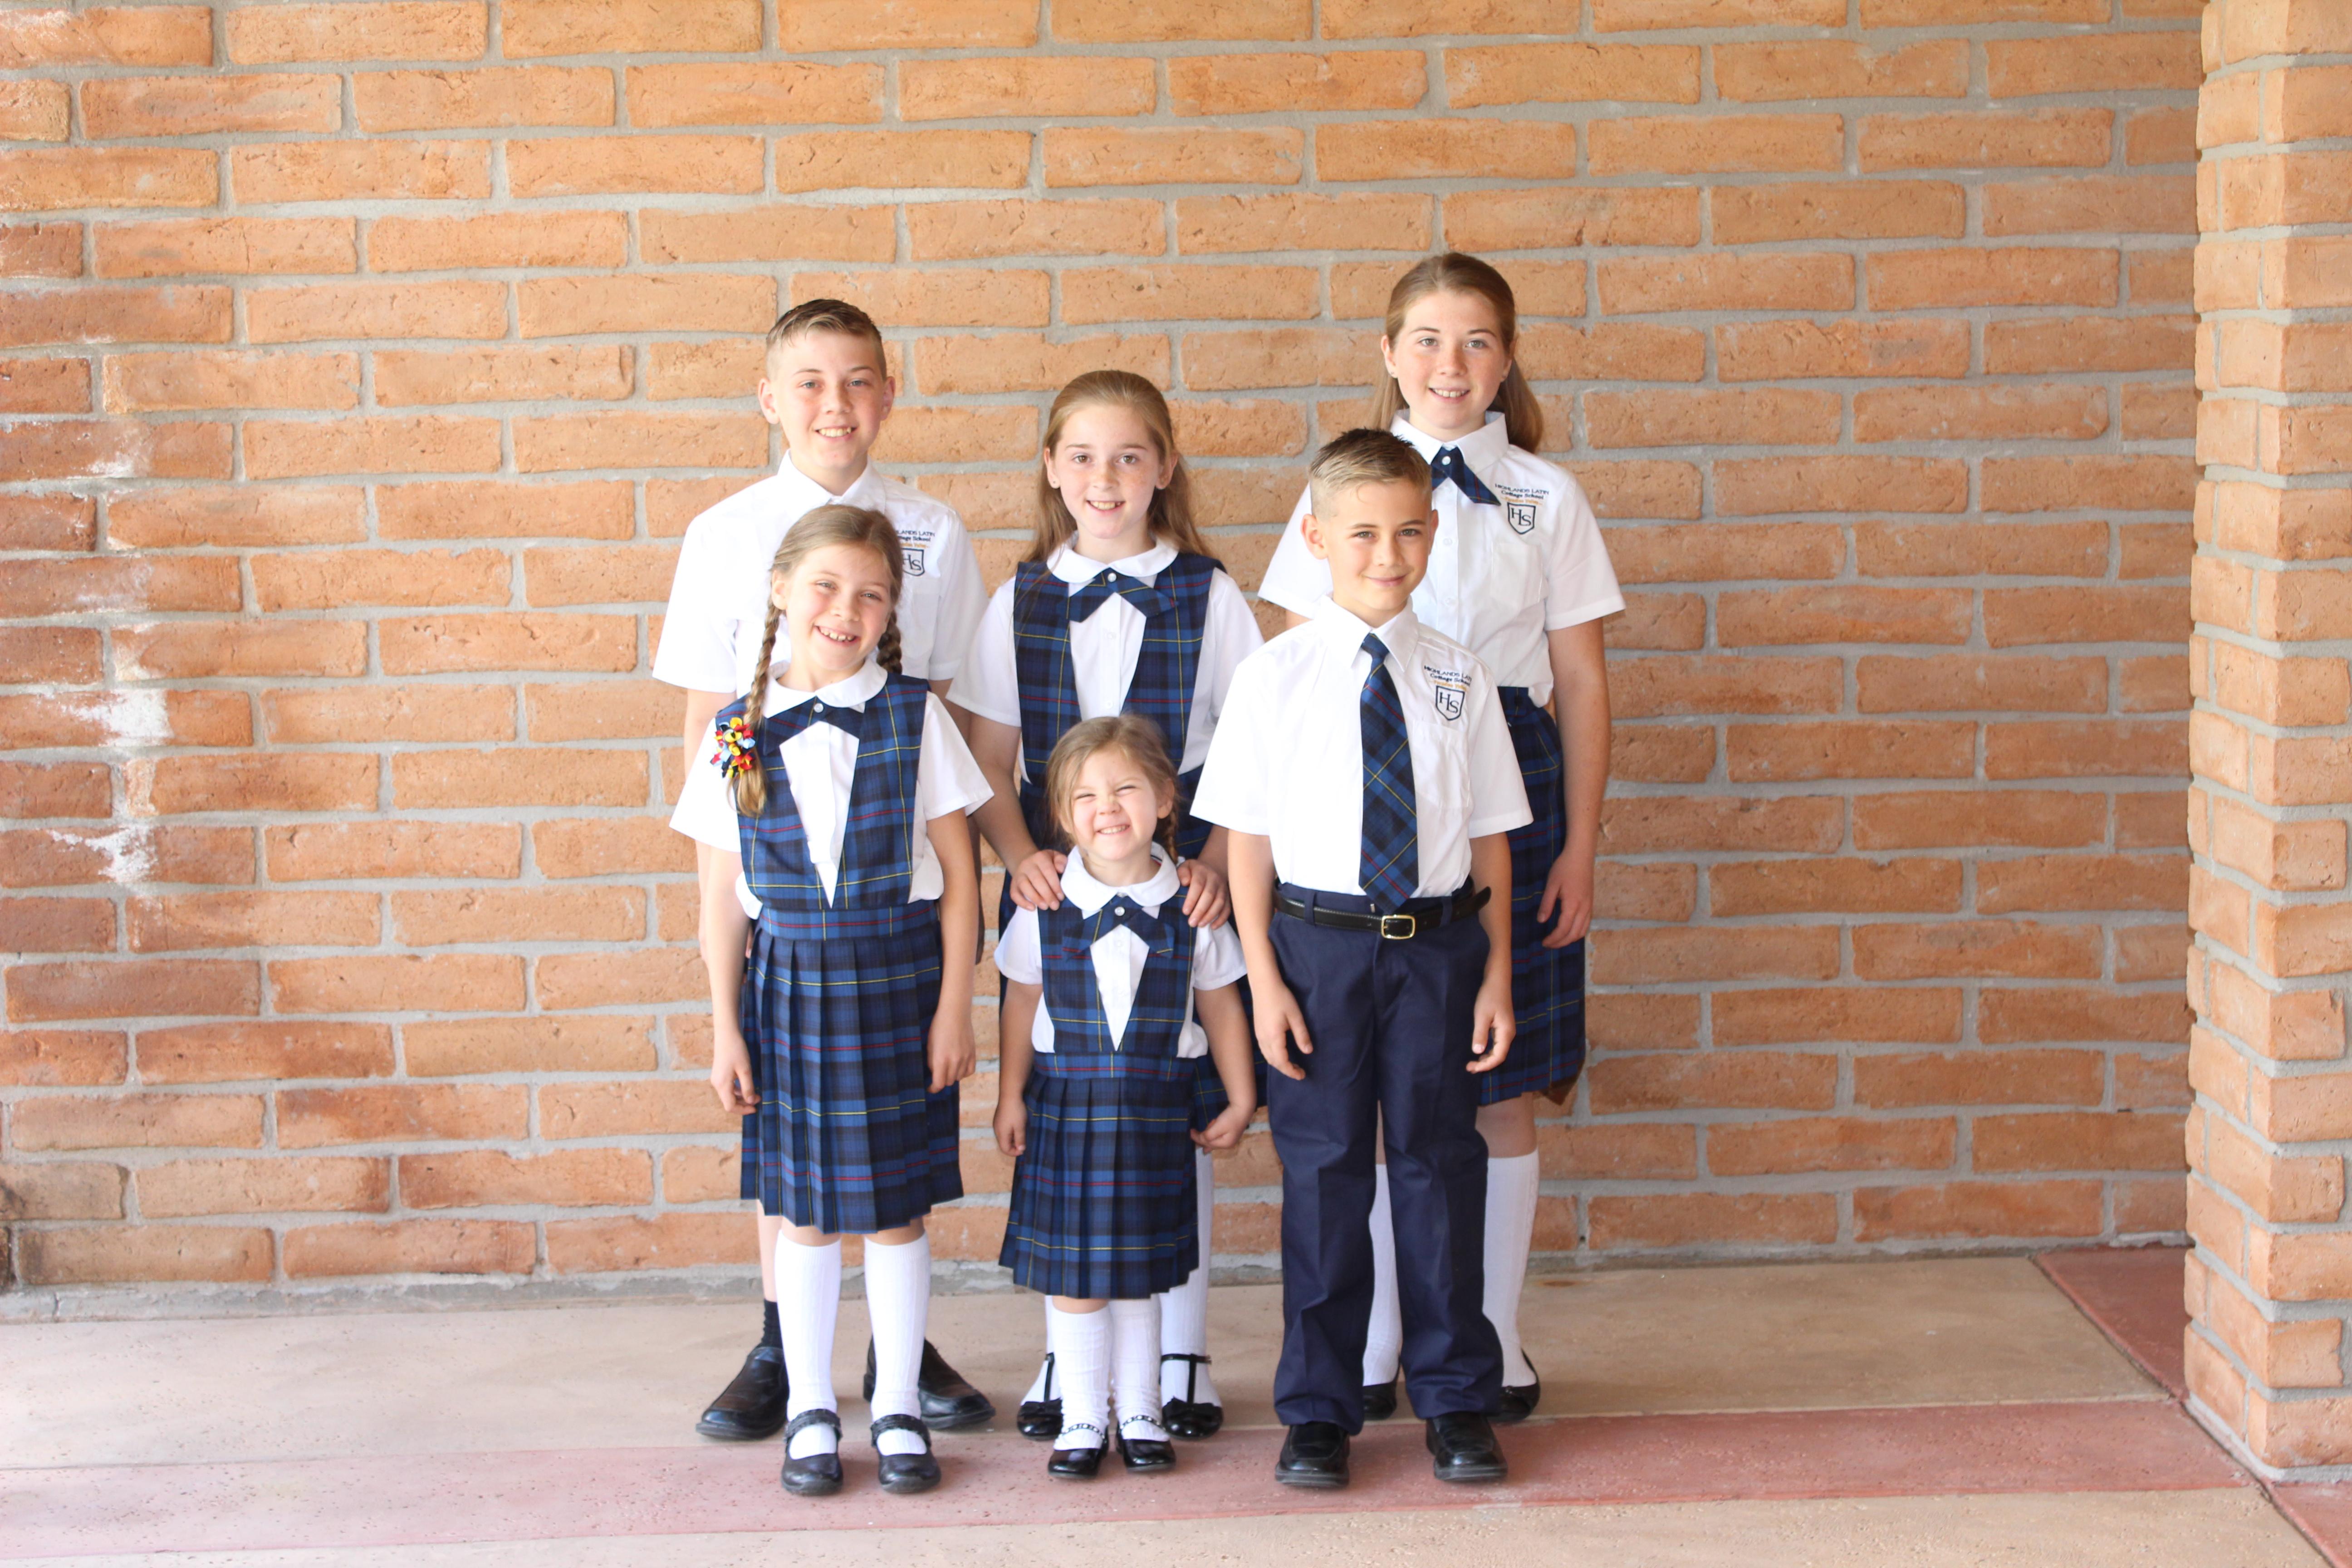 Classical Homeschool group in arizona